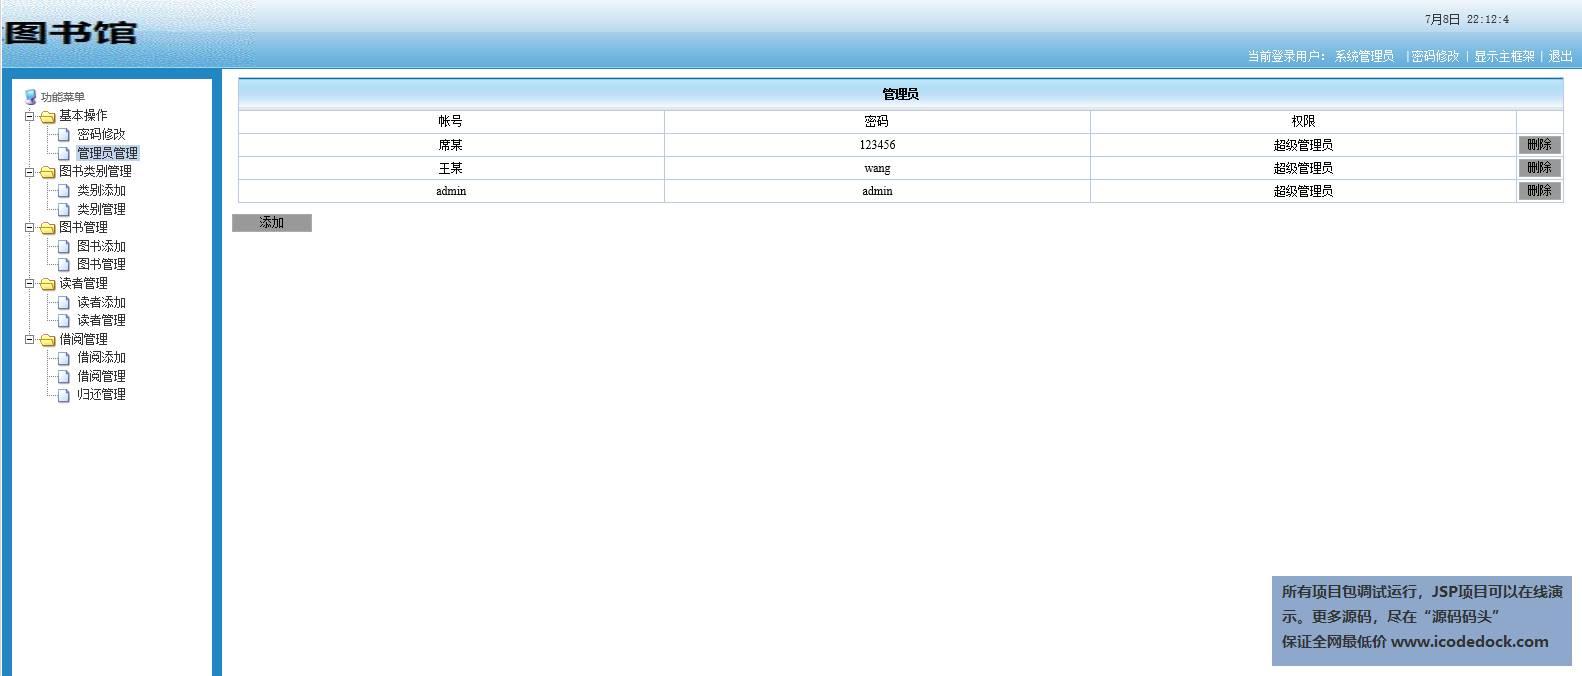 源码码头-JSP图书管理系统-添加删除管理员